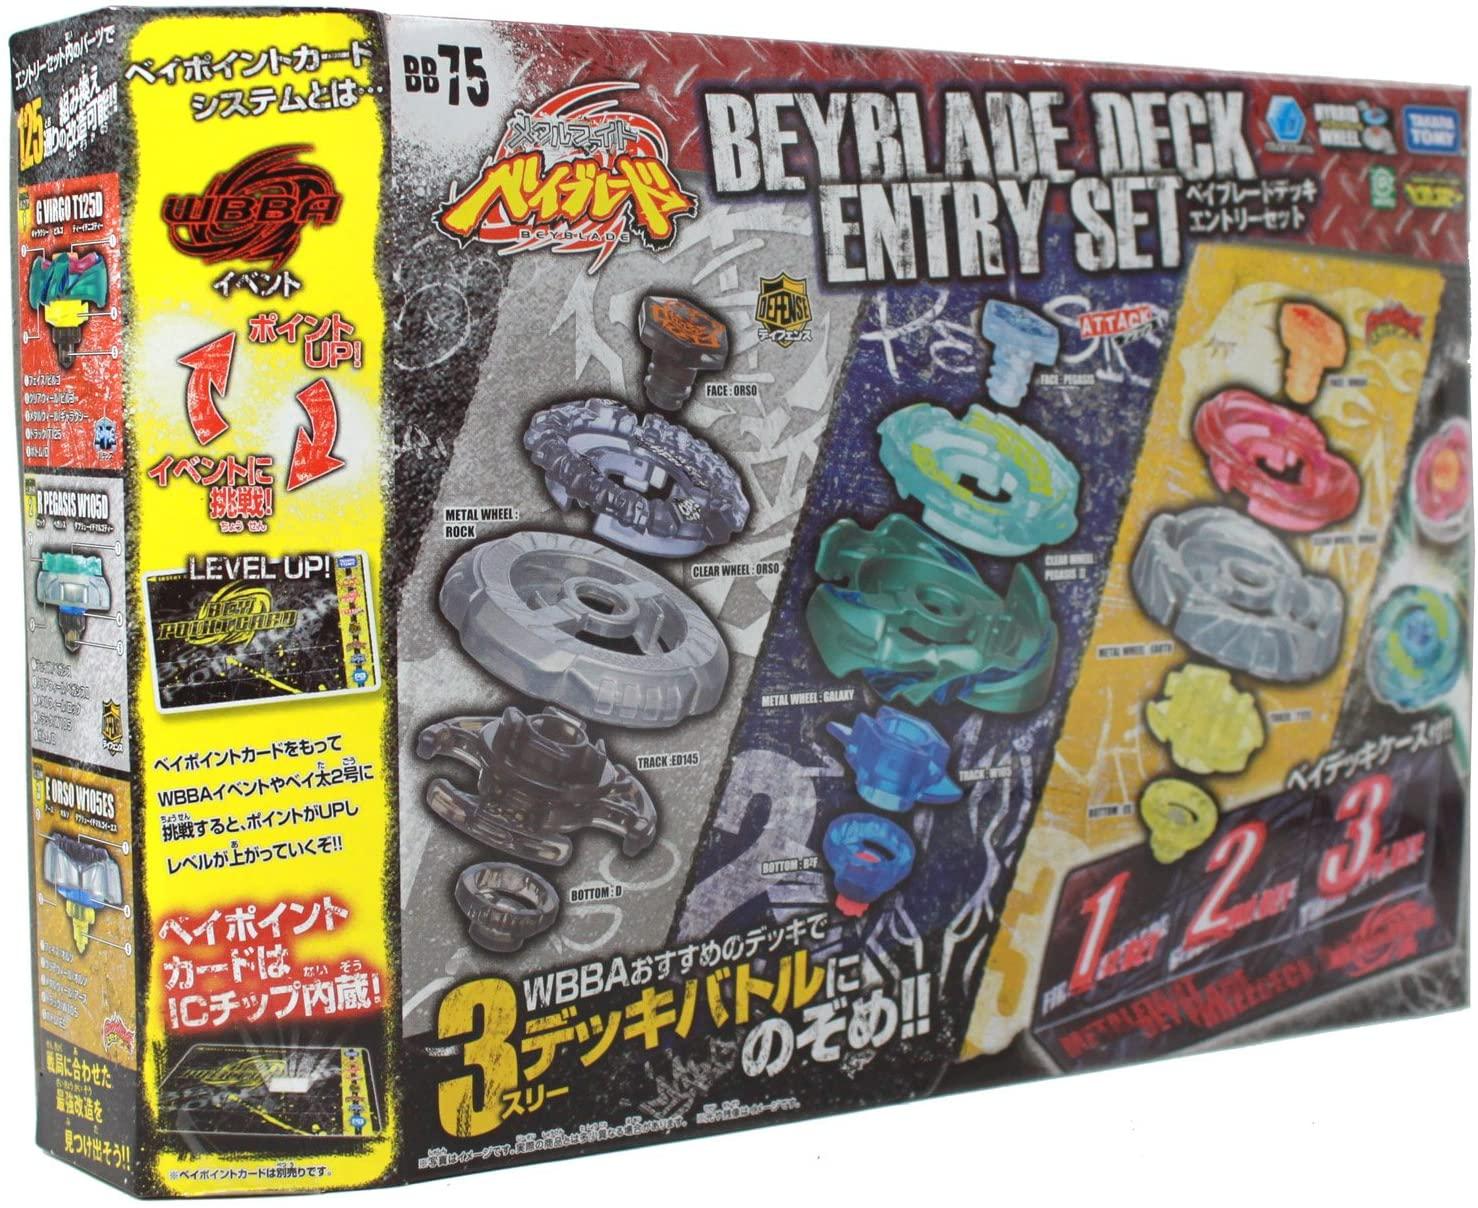 Beyblade Deck Entry Set